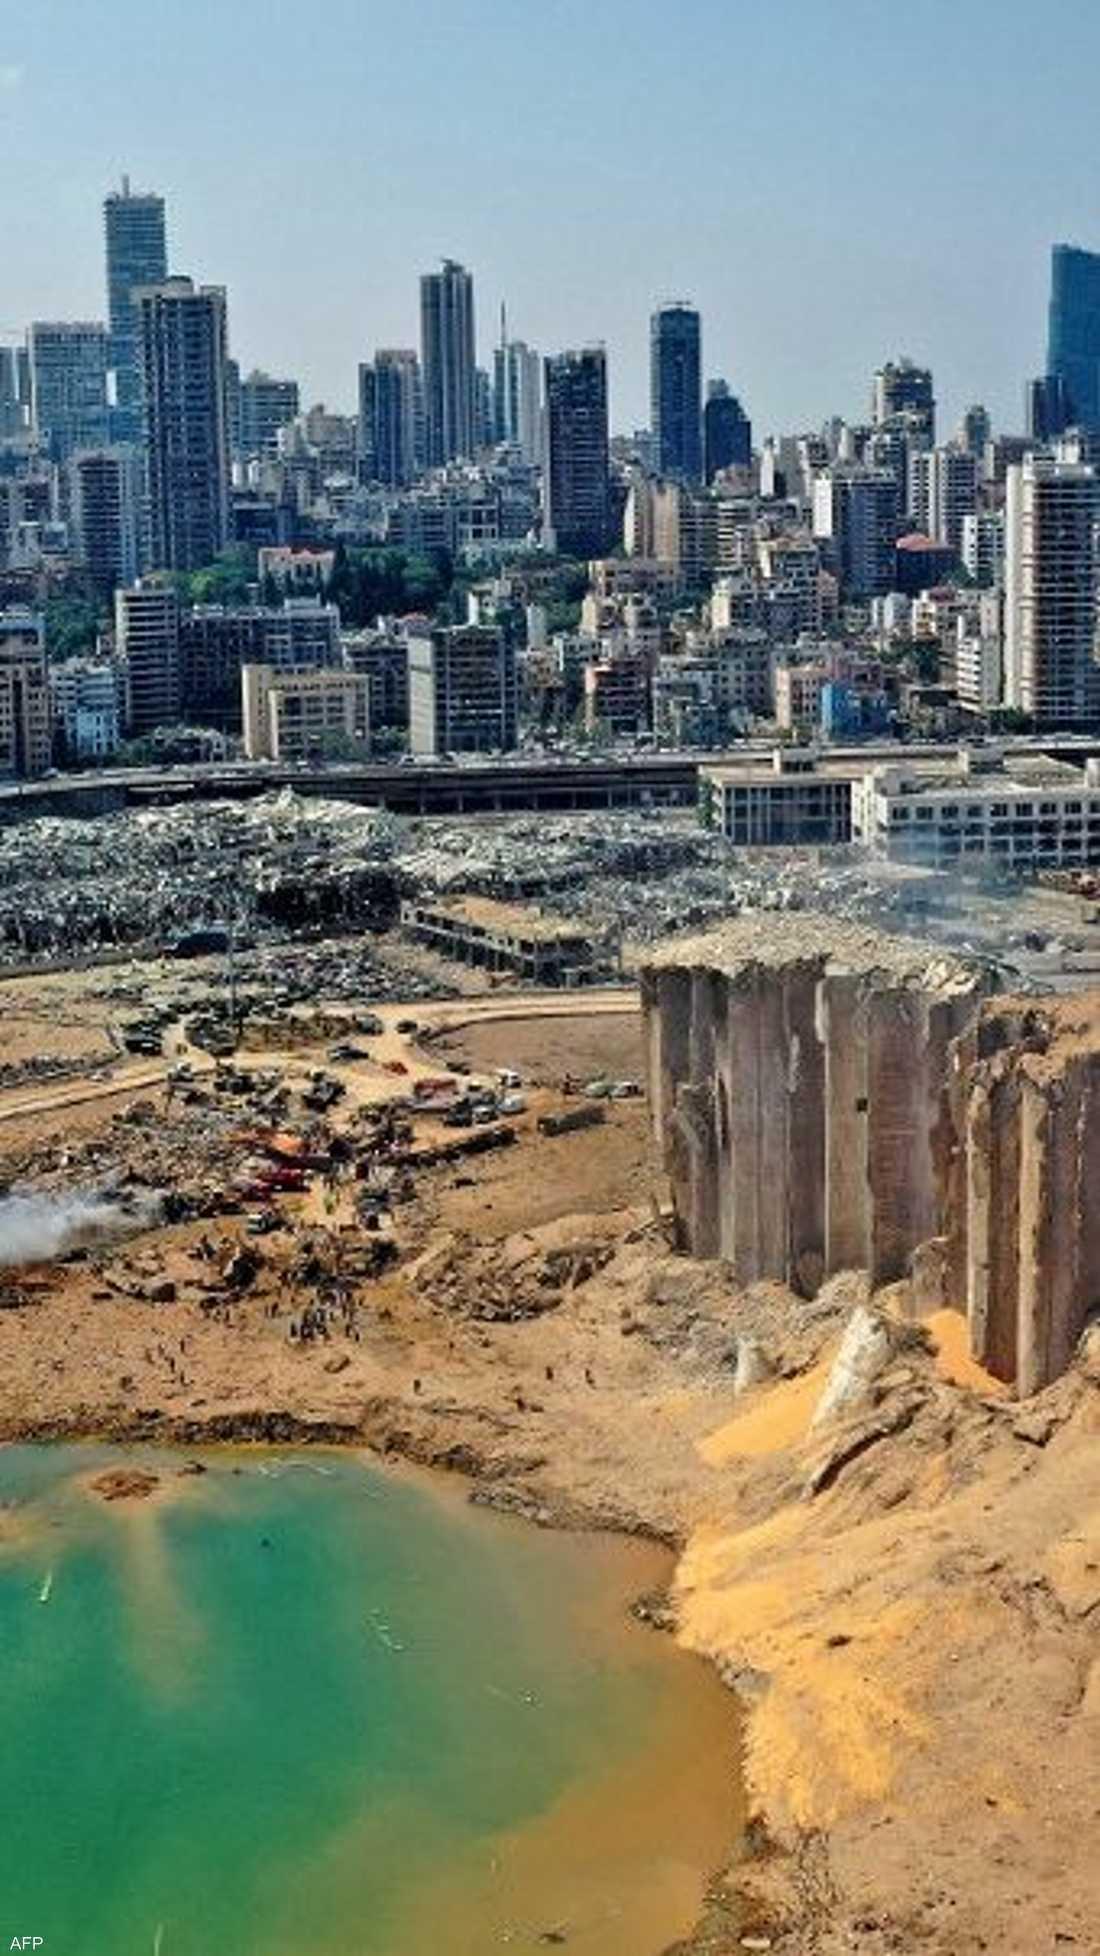 يحيي لبنان، الأربعاء، ذكرى مرور عام على انفجار مرفأ بيروت، الذي قتل أكثر من 200 شخص، وشرد أكثر من 300 ألف شخص وألحق دمارا هائلا بالعاصمة اللبنانية.